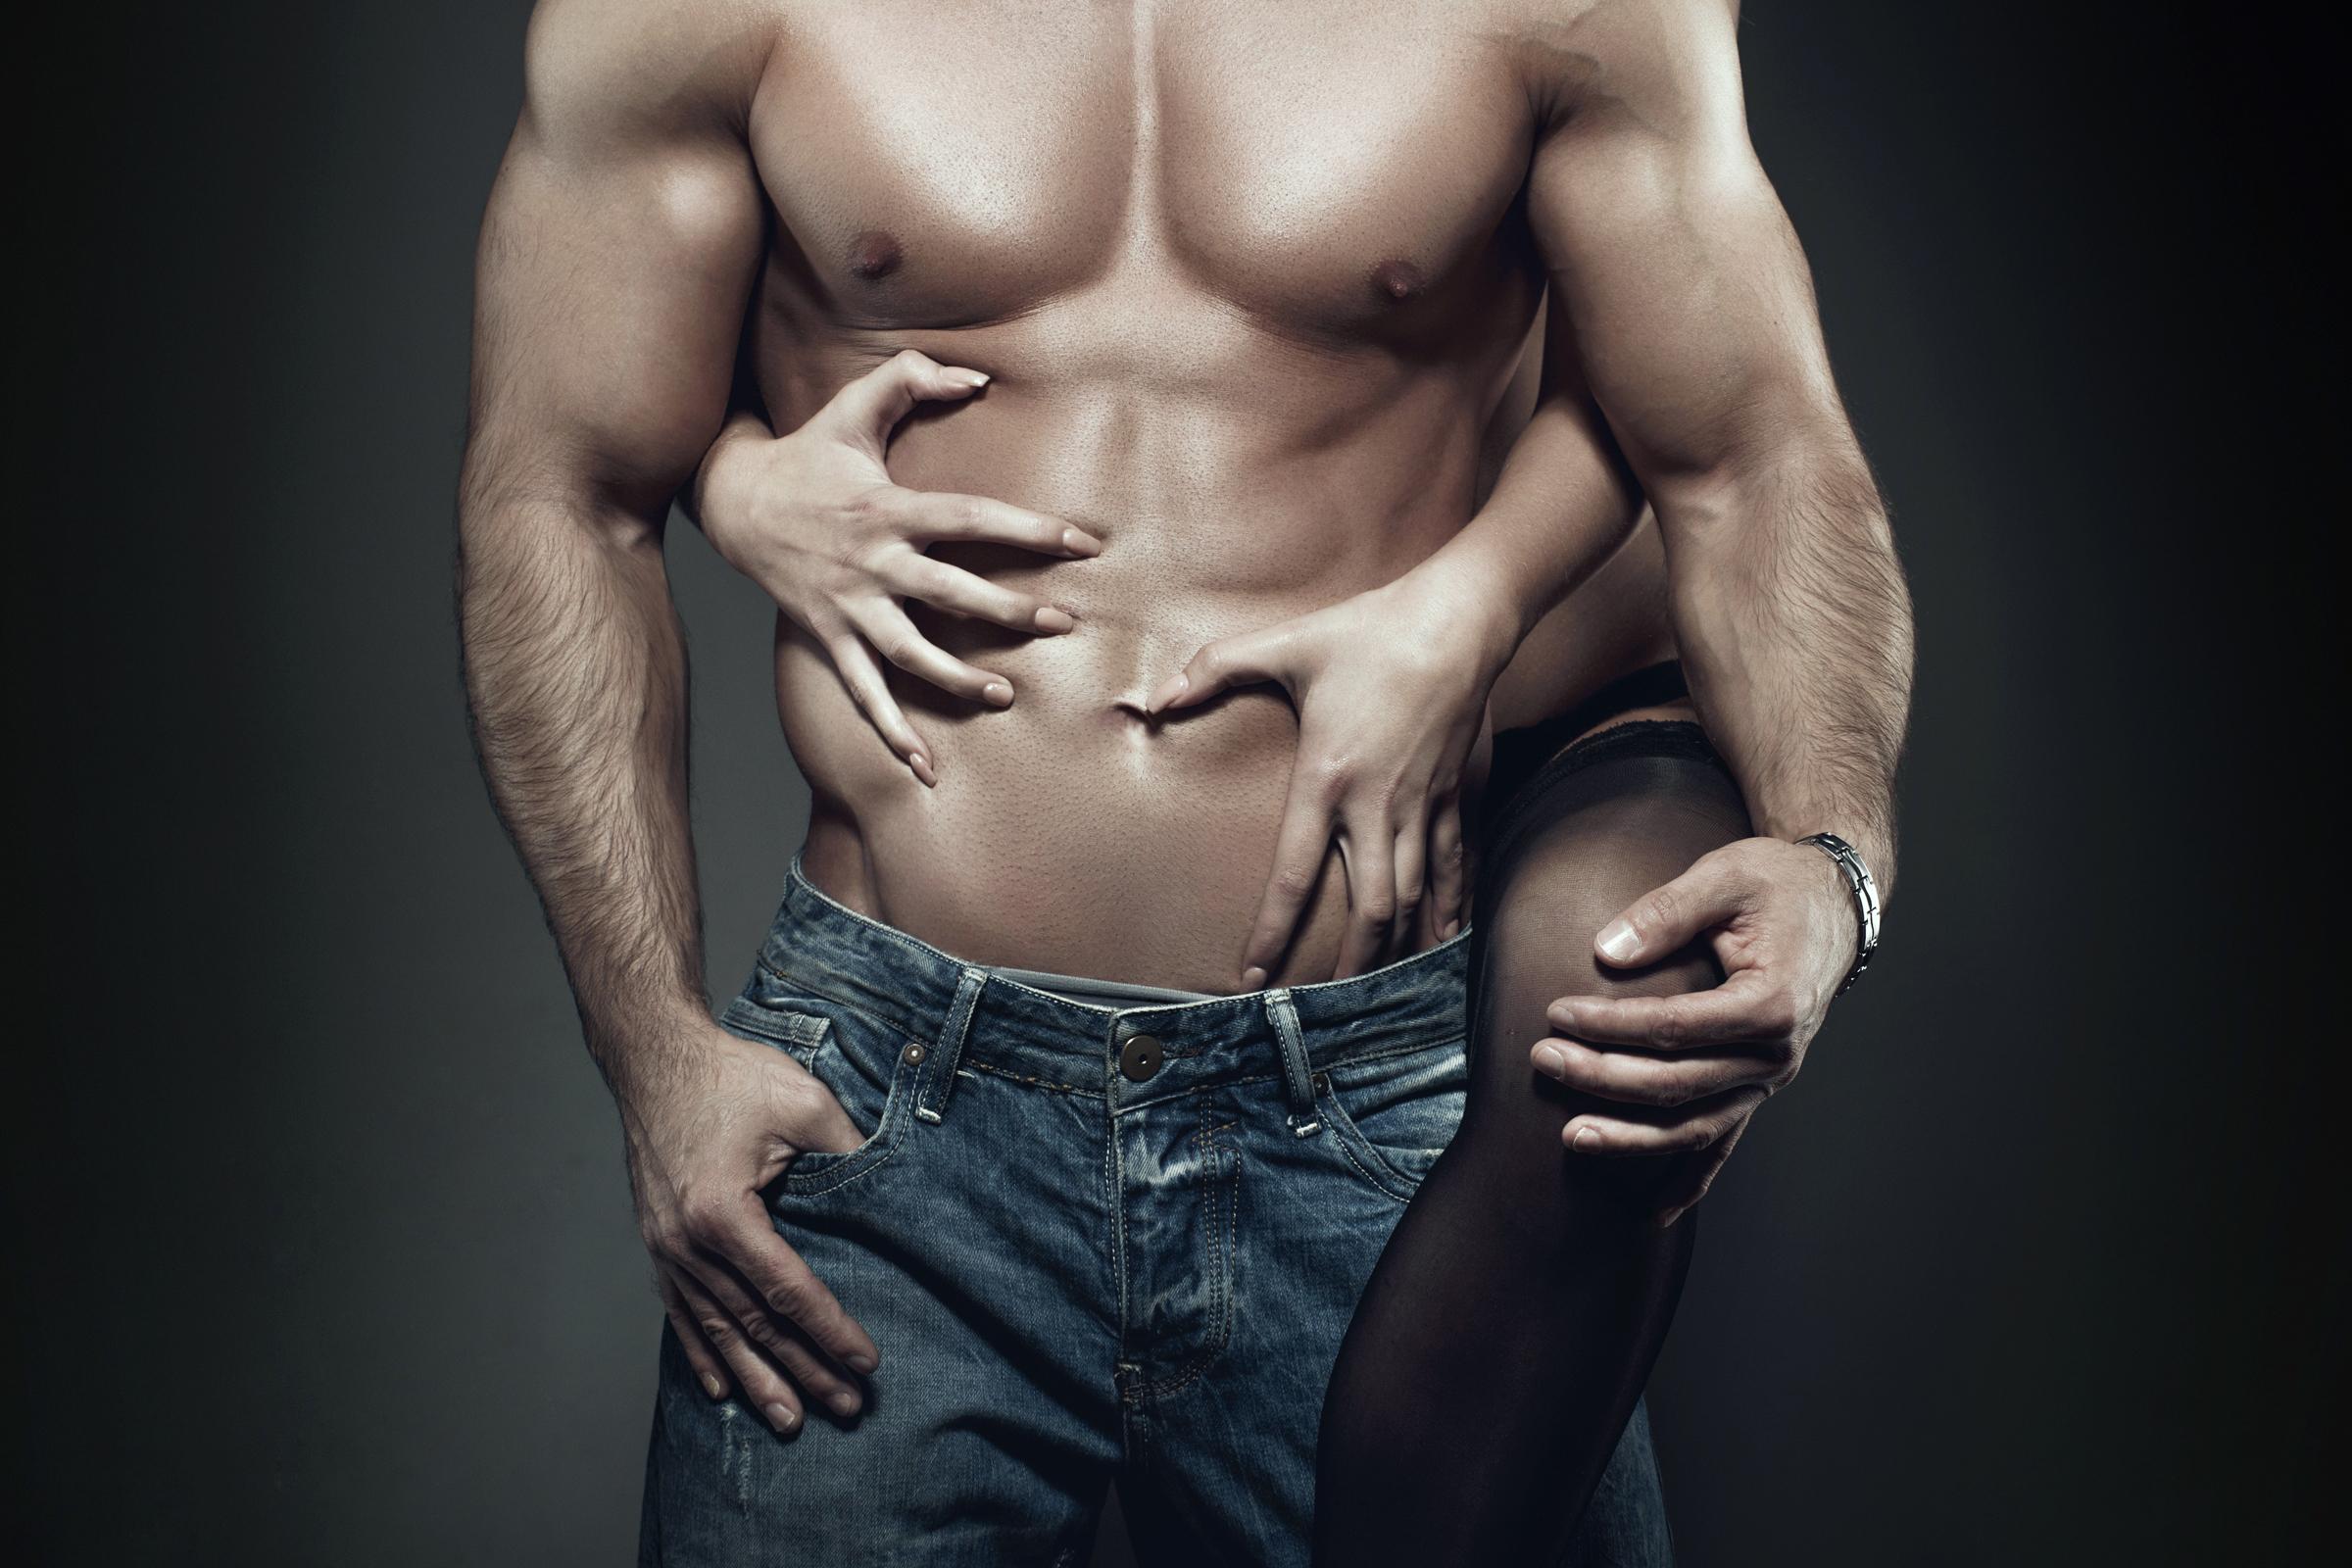 erekcióból fakadó fájdalom a leghatékonyabb erekciós tabletták